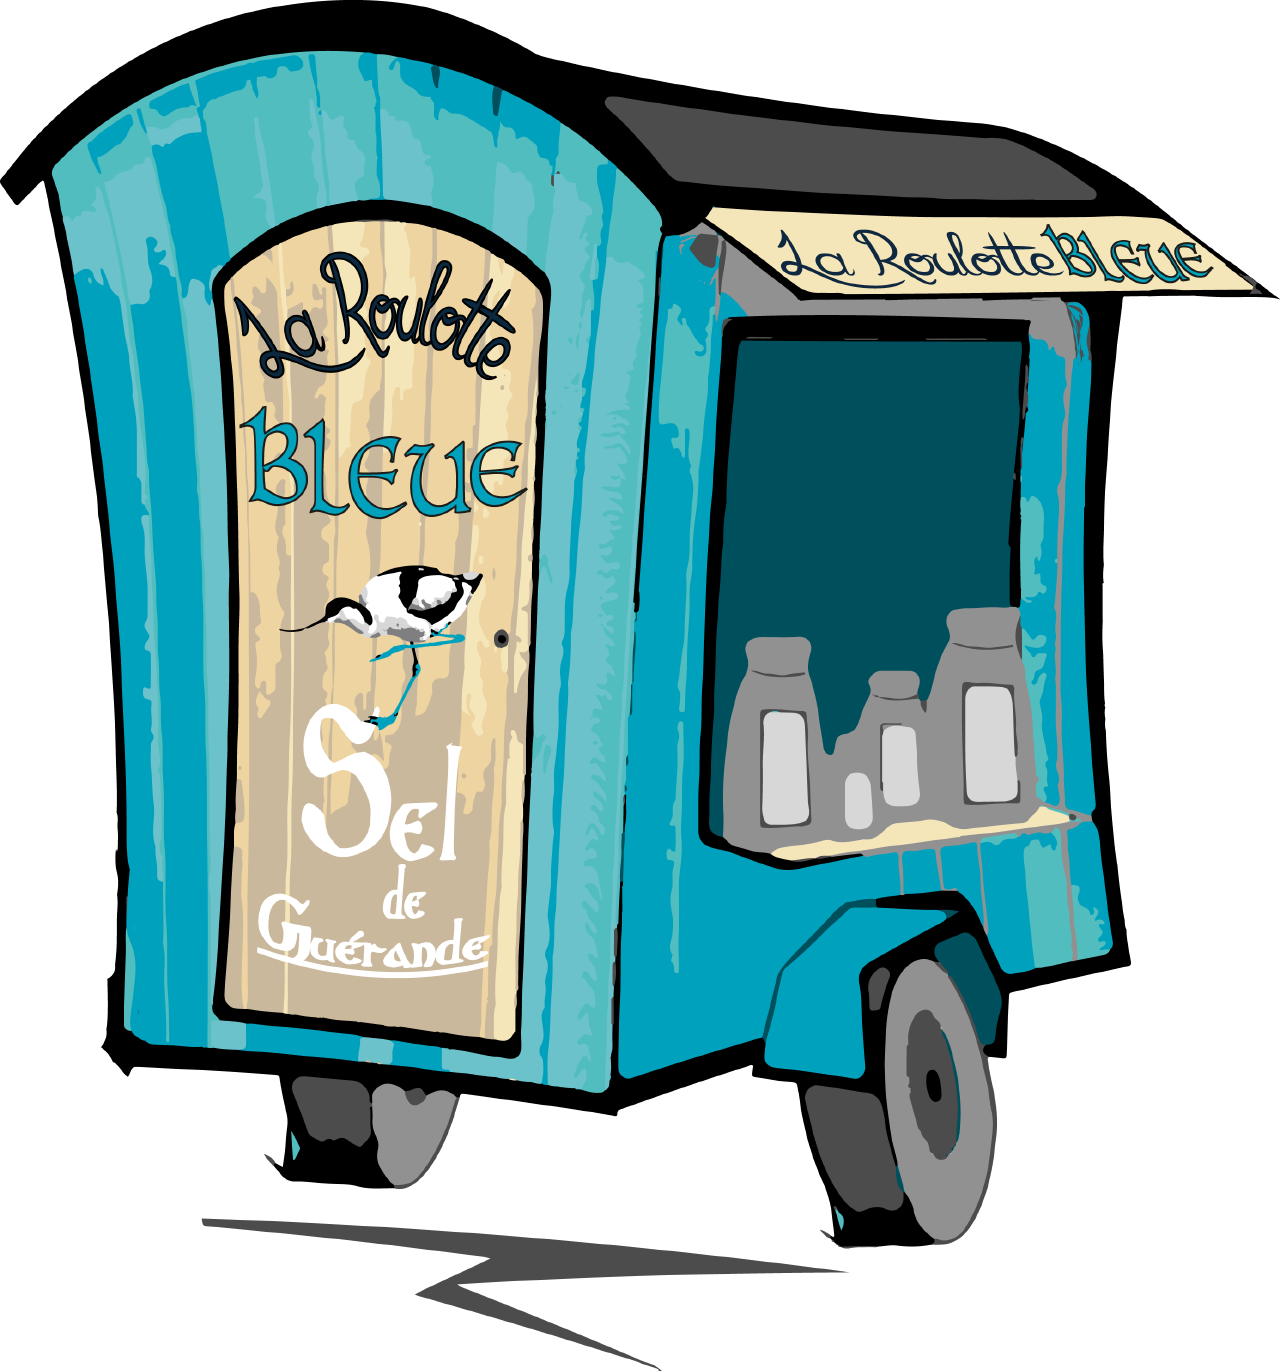 roulotte-bleue